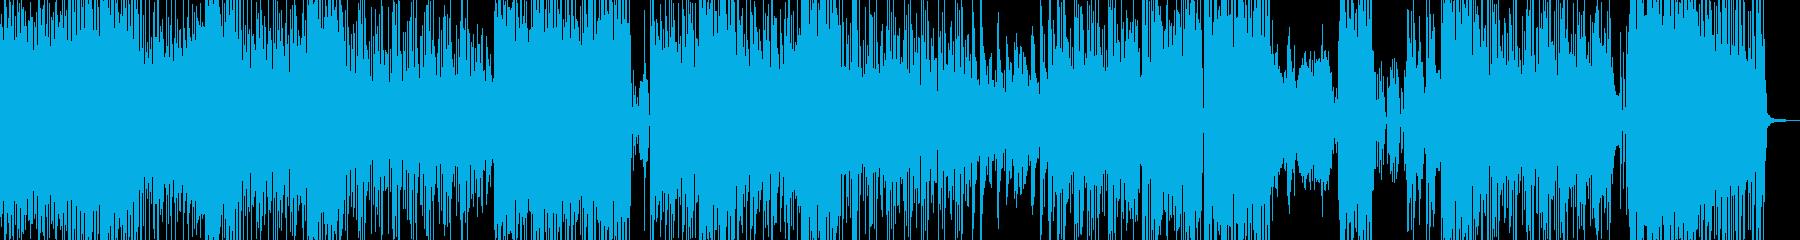 高揚感・サイバーコミカルなテクノポップの再生済みの波形